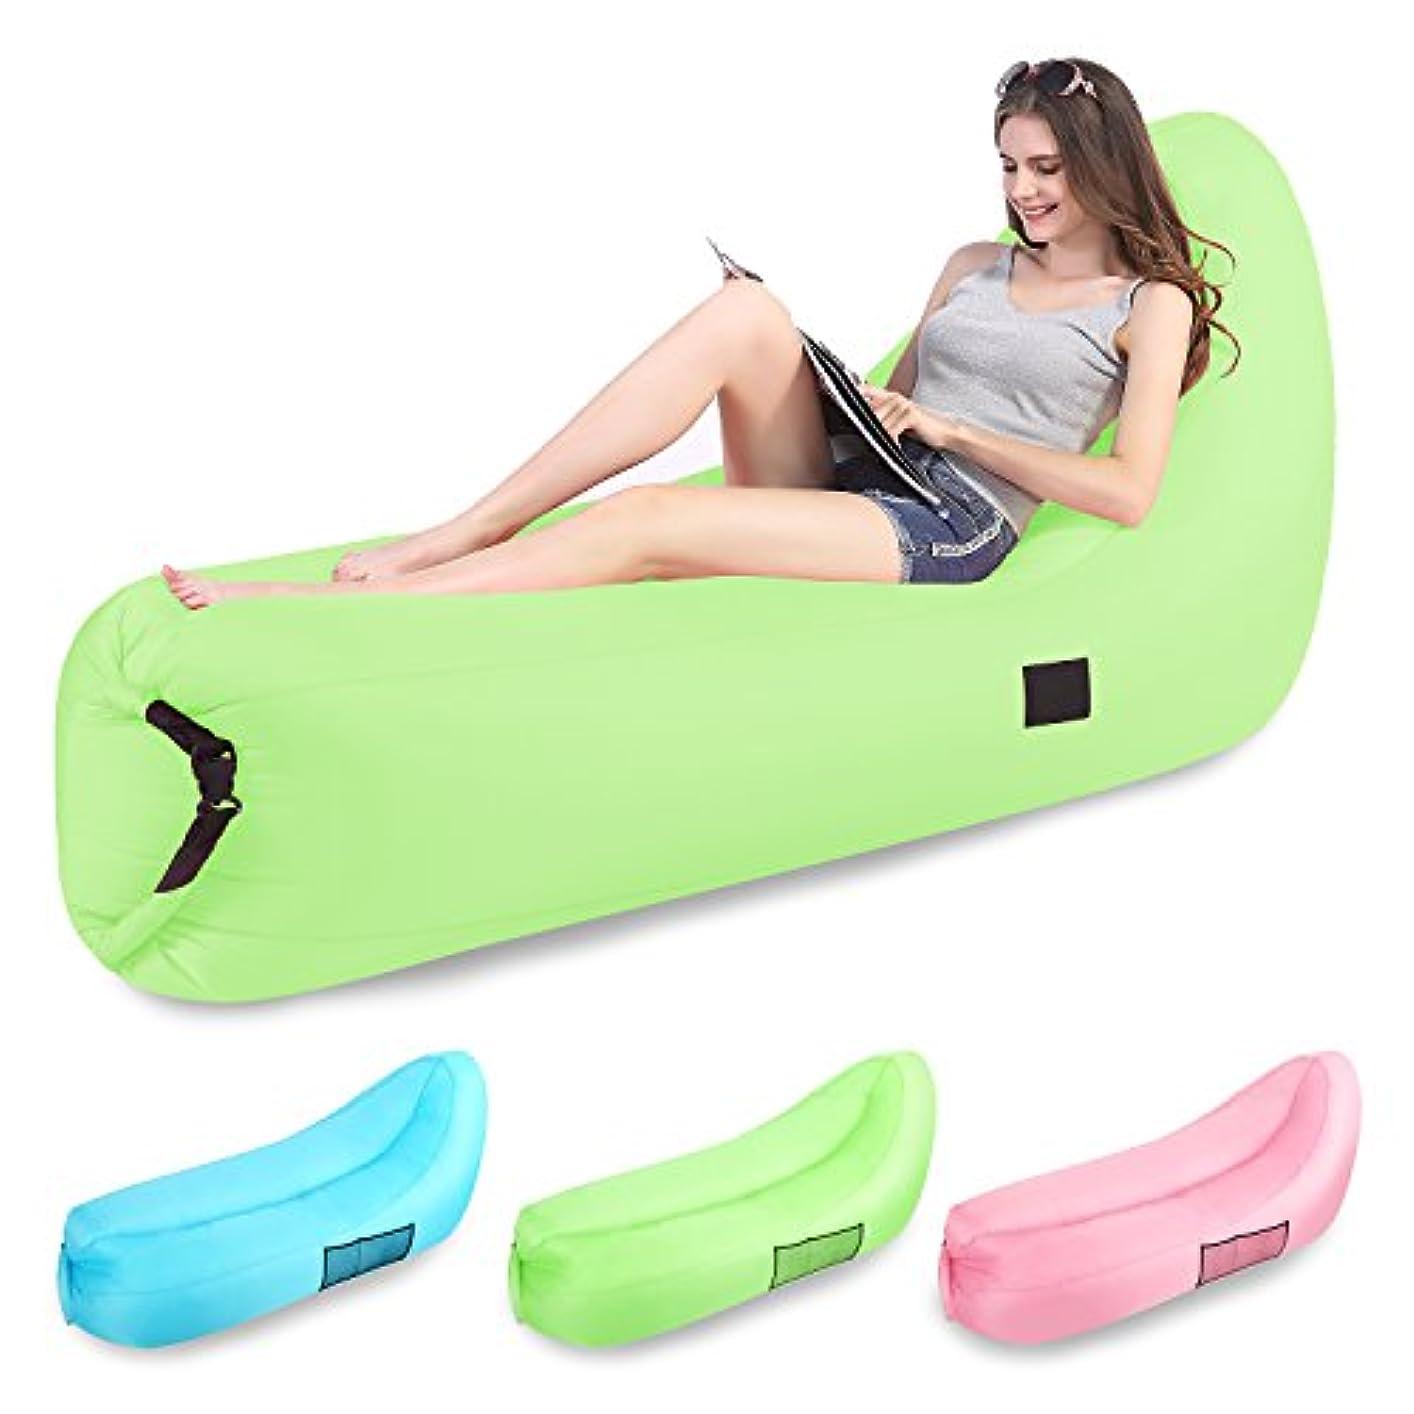 テスピアン逸話ぼんやりしたInflatable Lounger、aonsenポータブルエアソファー2ポケット簡単Inflating防水理想的なホームアウトドアビーチキャンプ、ハイキング、裏庭、公園